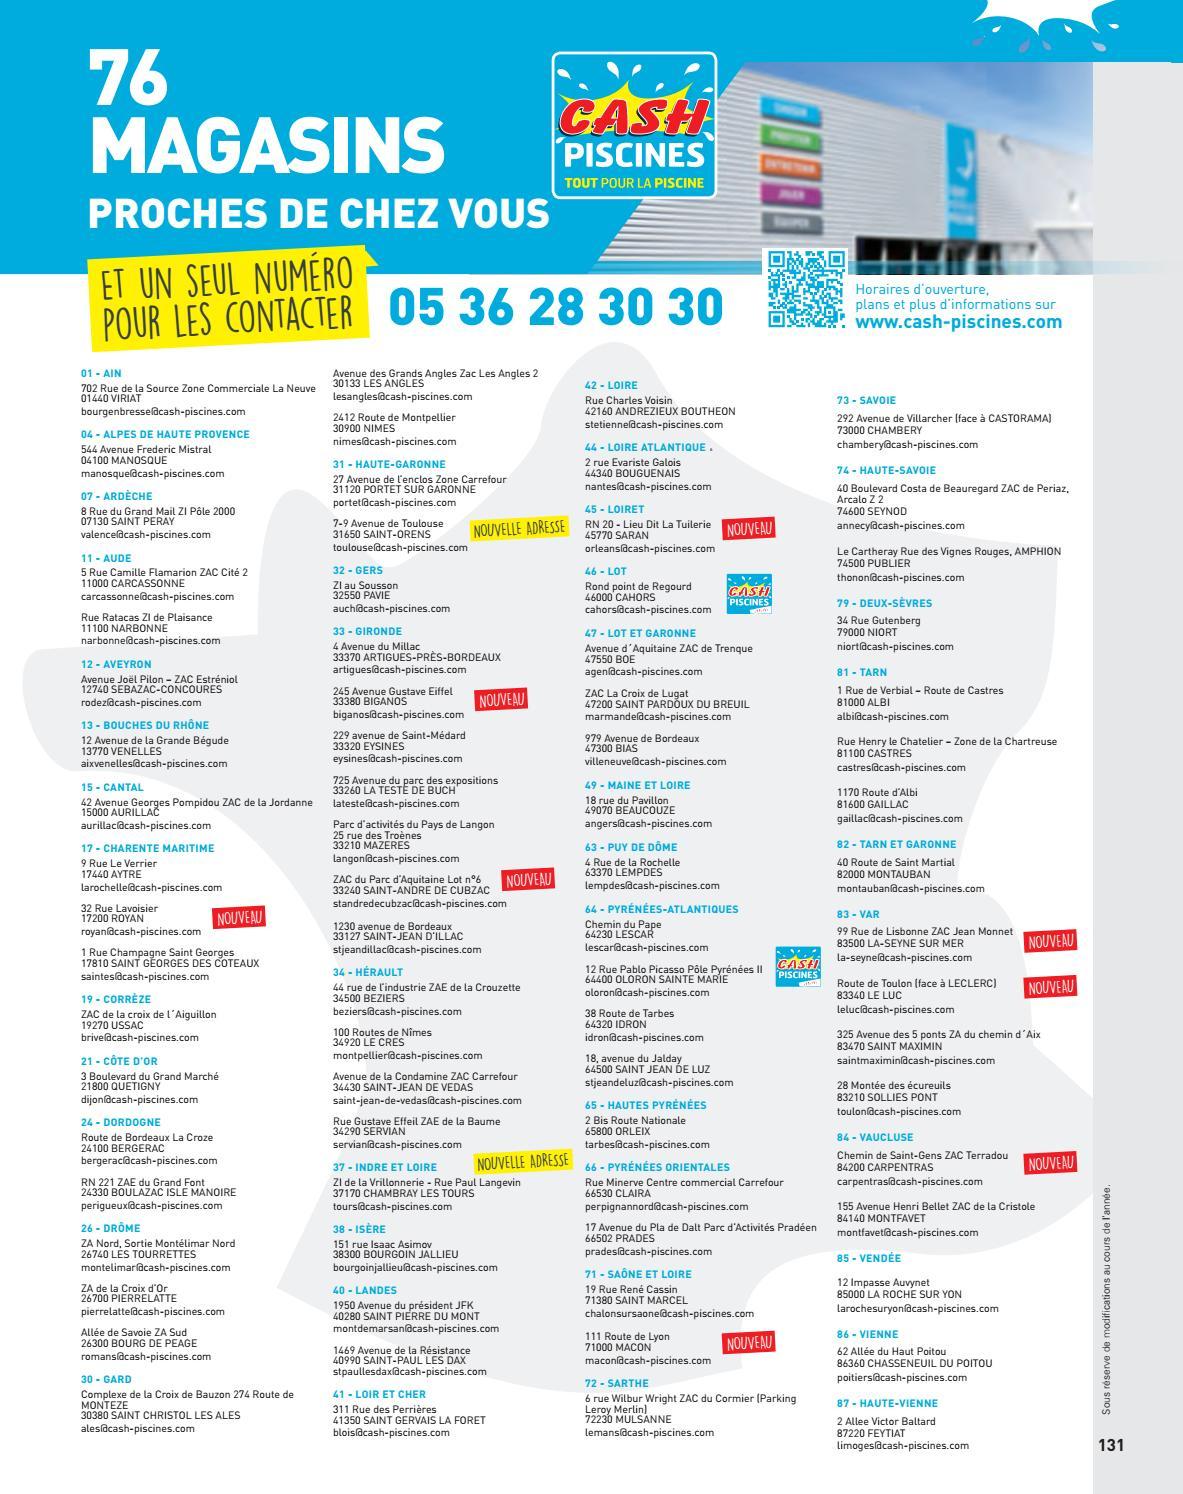 Catalogue Cash Piscine 2018 By Octave Octave - Issuu dedans Cash Piscine Tours